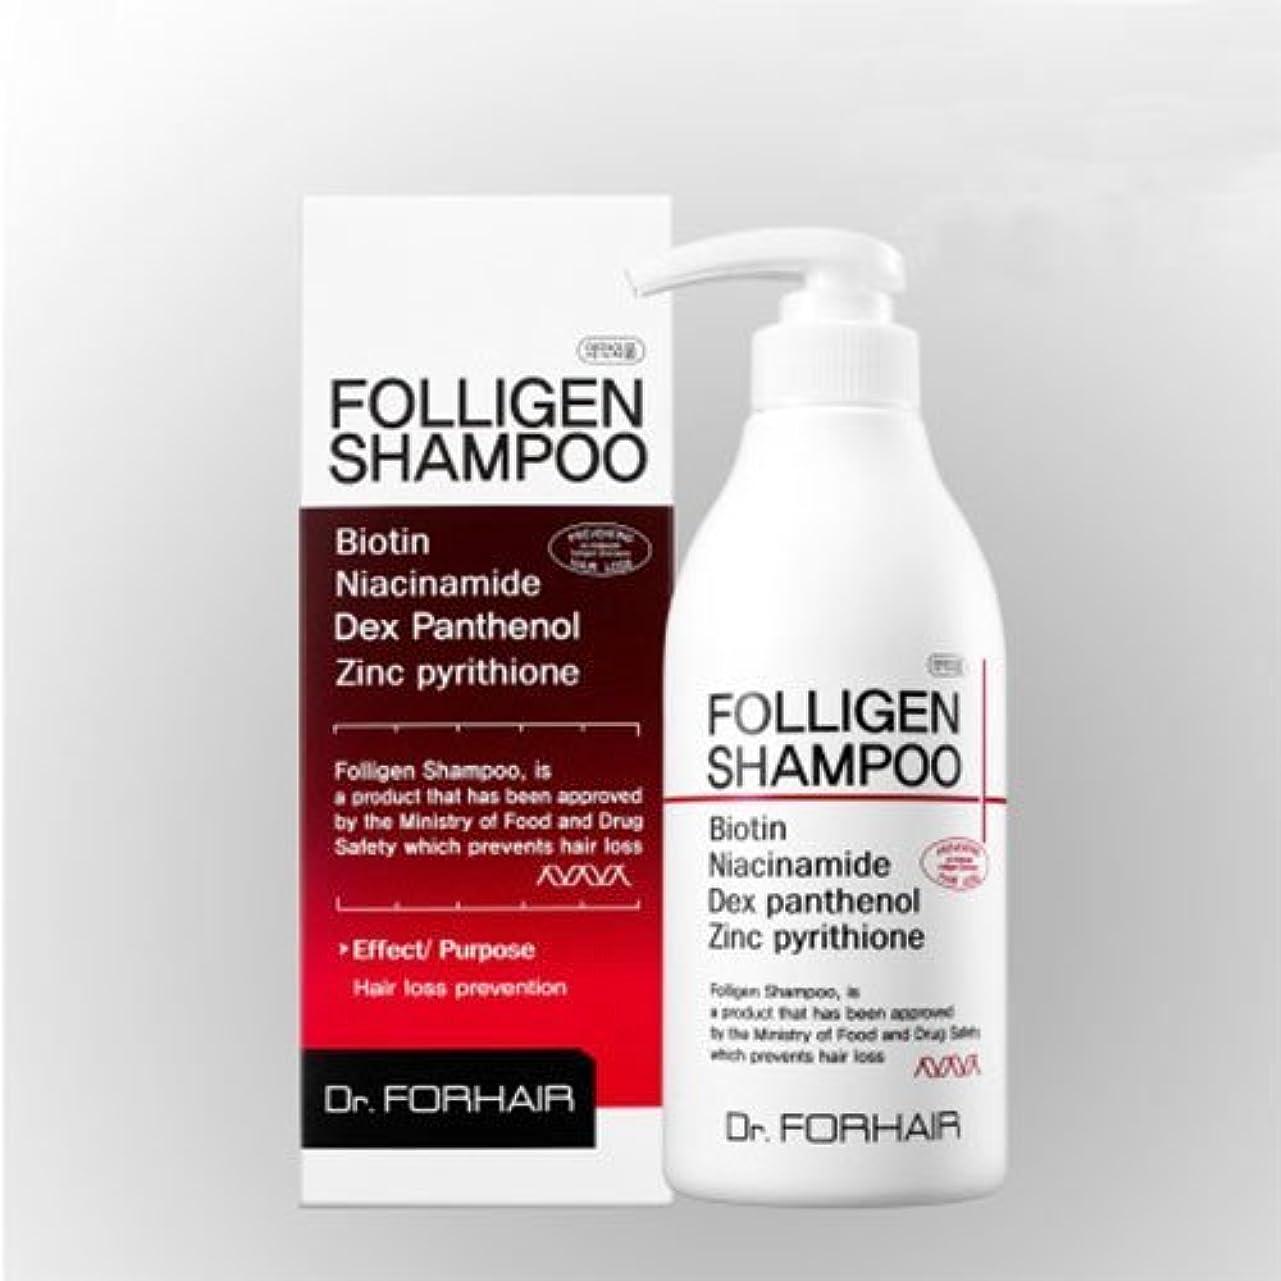 の面では拷問関連付けるダクト?フォーヘア ポルリジェン シャンプー500ml 脱毛防止シャンプー[並行輸入品] / Dr. Forhair Folligen Shampoo 500ml (16.9 fl.oz.) for Hair Loss...